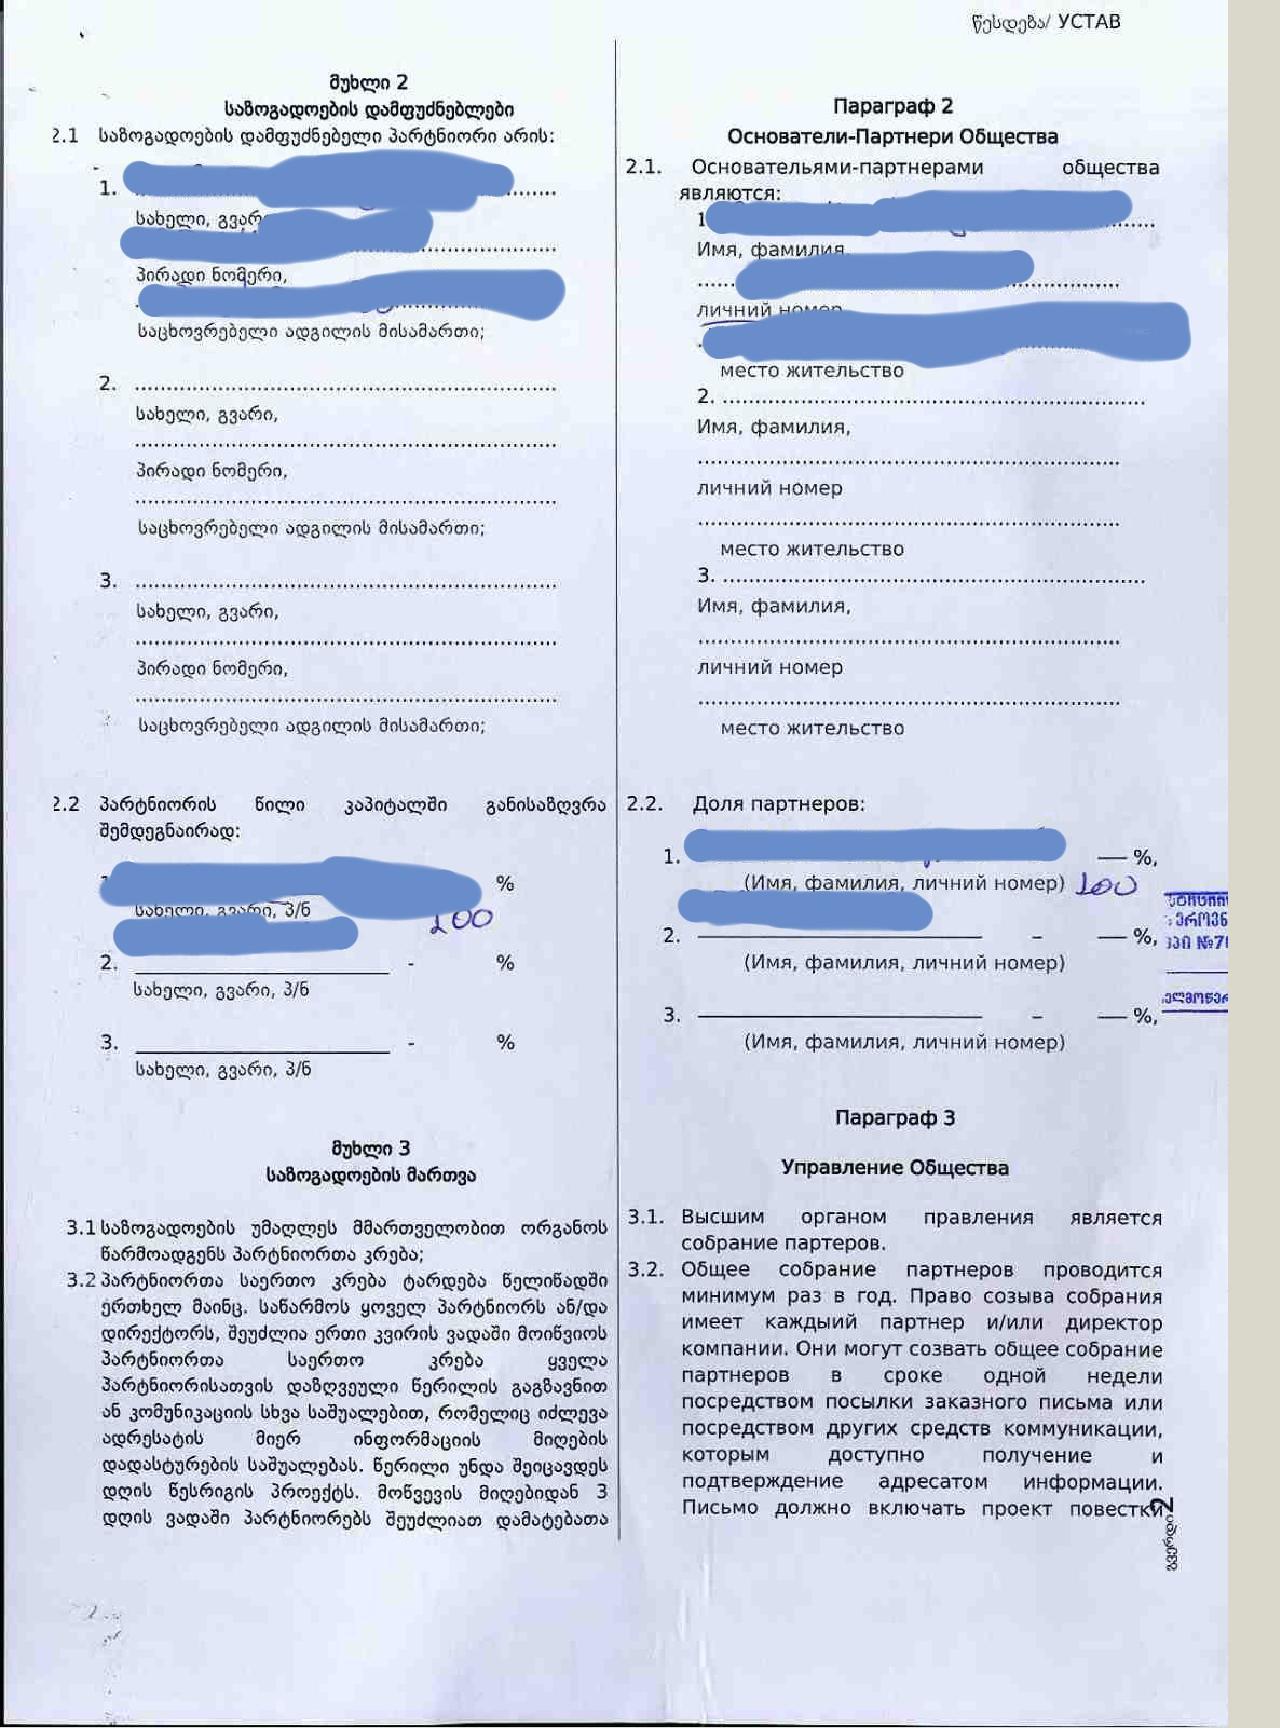 Оффшор для IT-бизнеса в Грузии: лайфхаки и подводные камни - 3